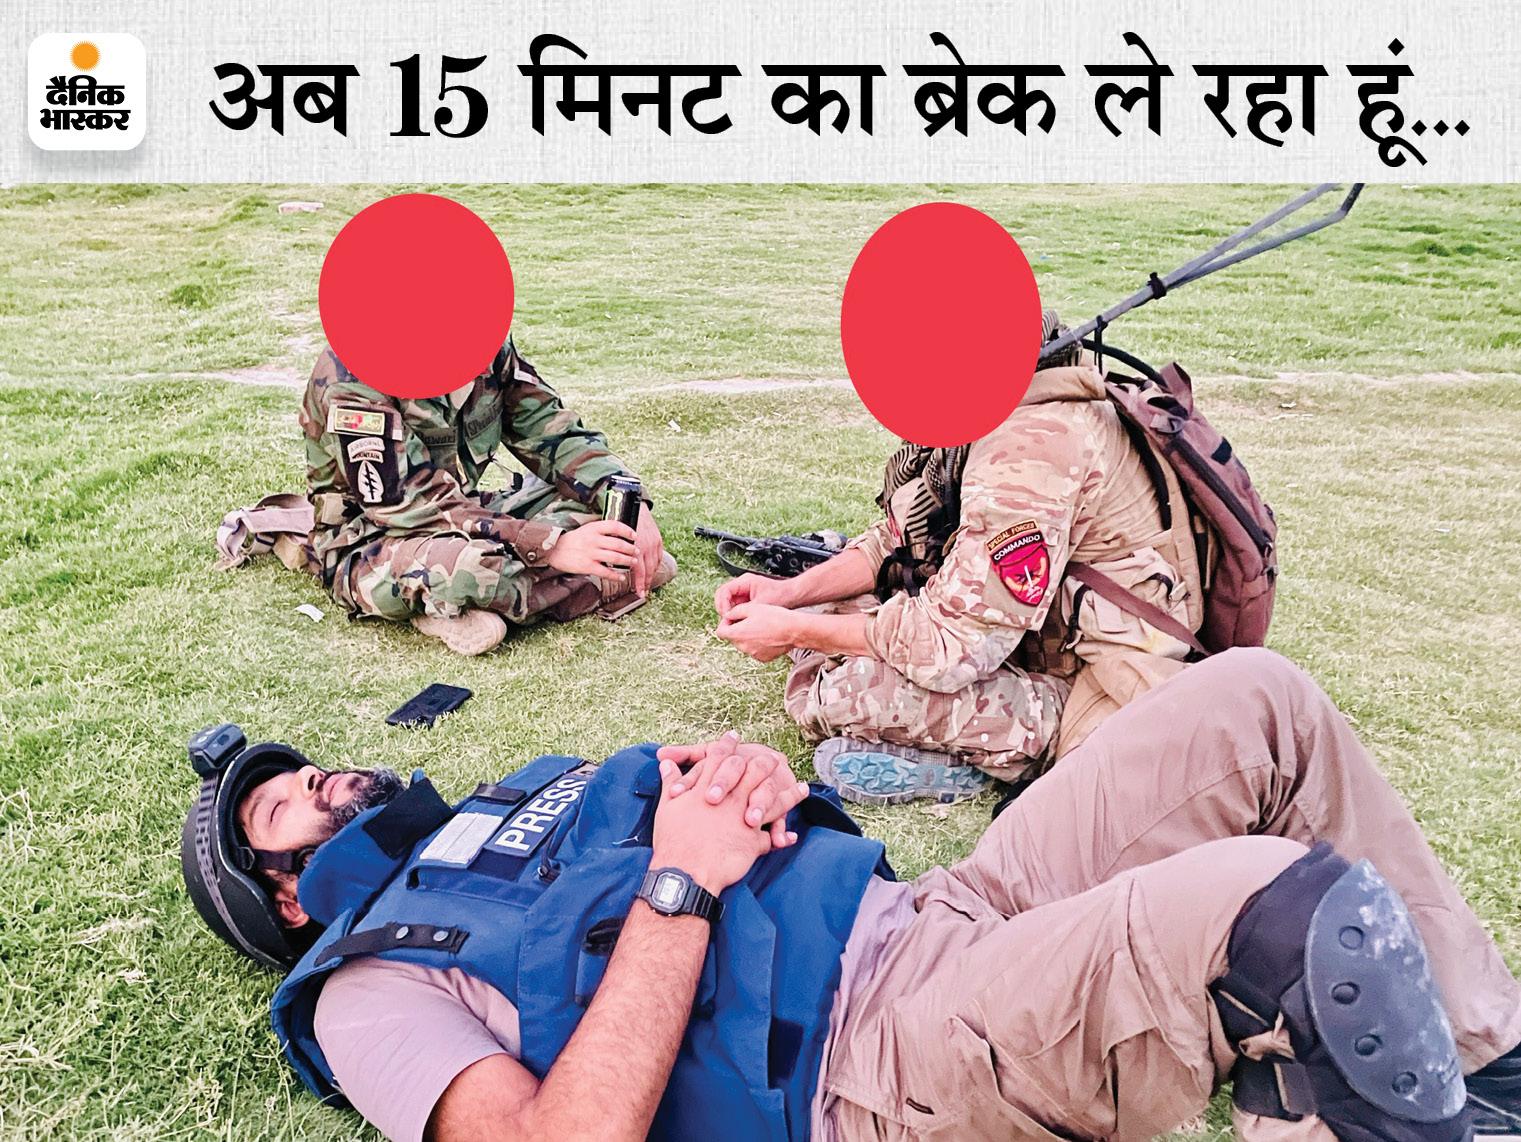 दानिश की यह फोटो अफगानिस्तान के कंधार में ली गई थी। इसे उन्होंने 13 जुलाई को सोशल मीडिया पर शेयर किया था। दानिश ने लिखा था- 15 घंटे के मिशन के बाद 15 मिनट का ब्रेक ले रहा हूं। (फोटो- रॉयटर्स)